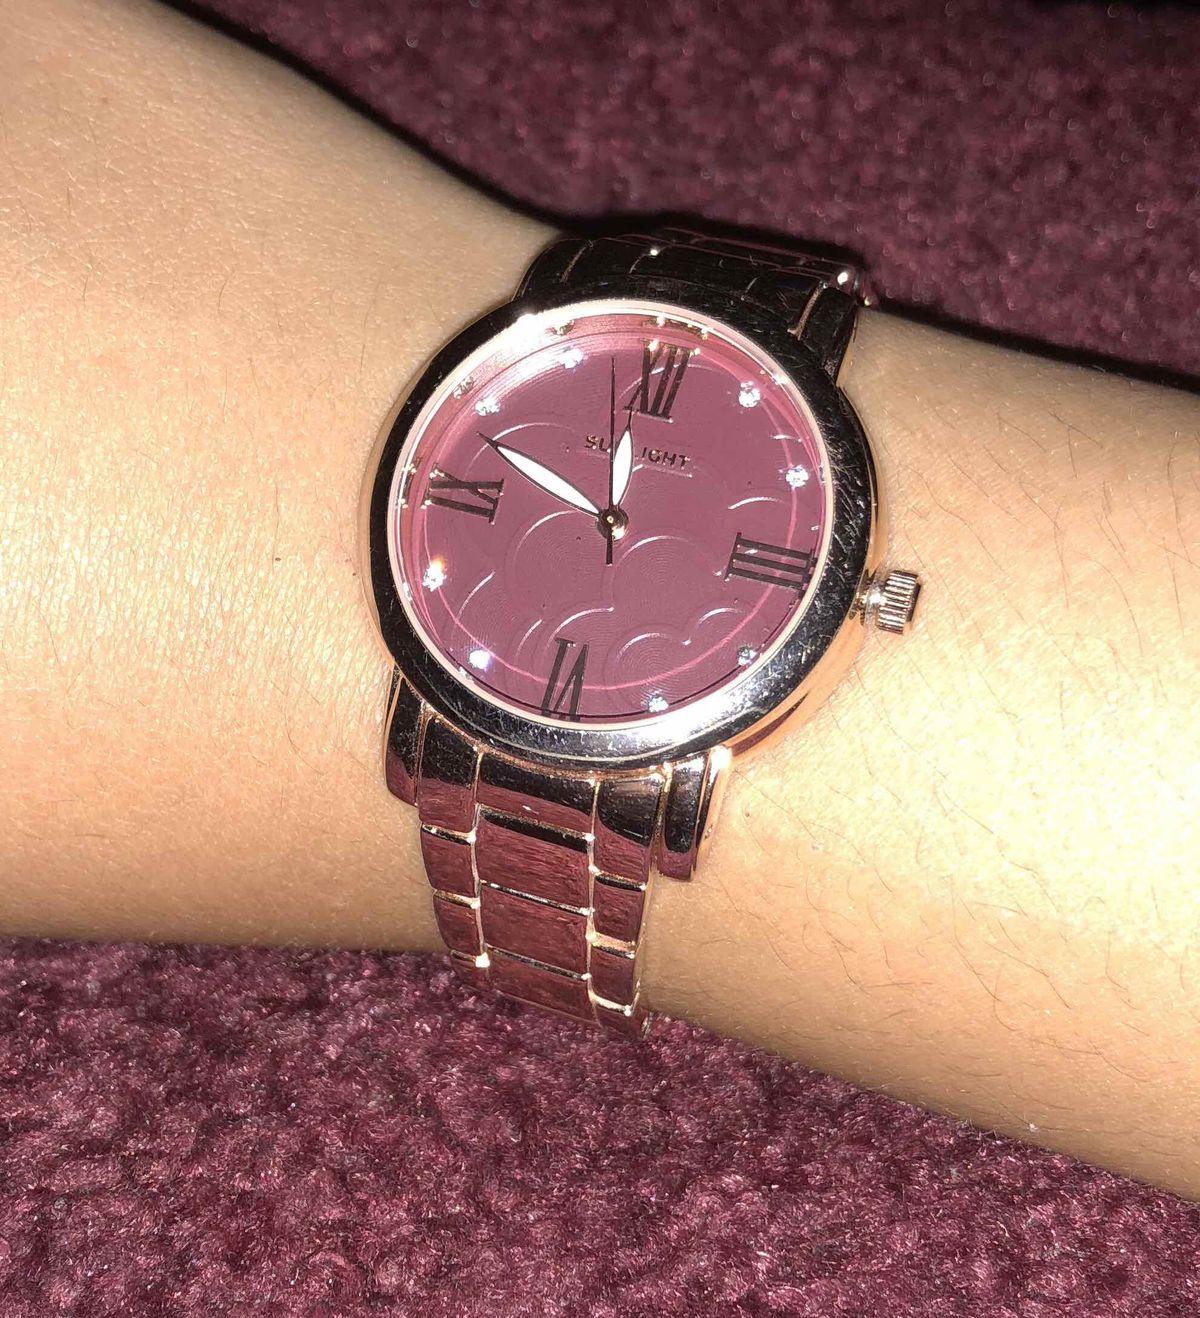 Часы наручные Sunlight. Идеальное соотношение цены и качества. ❤️❤️❤️